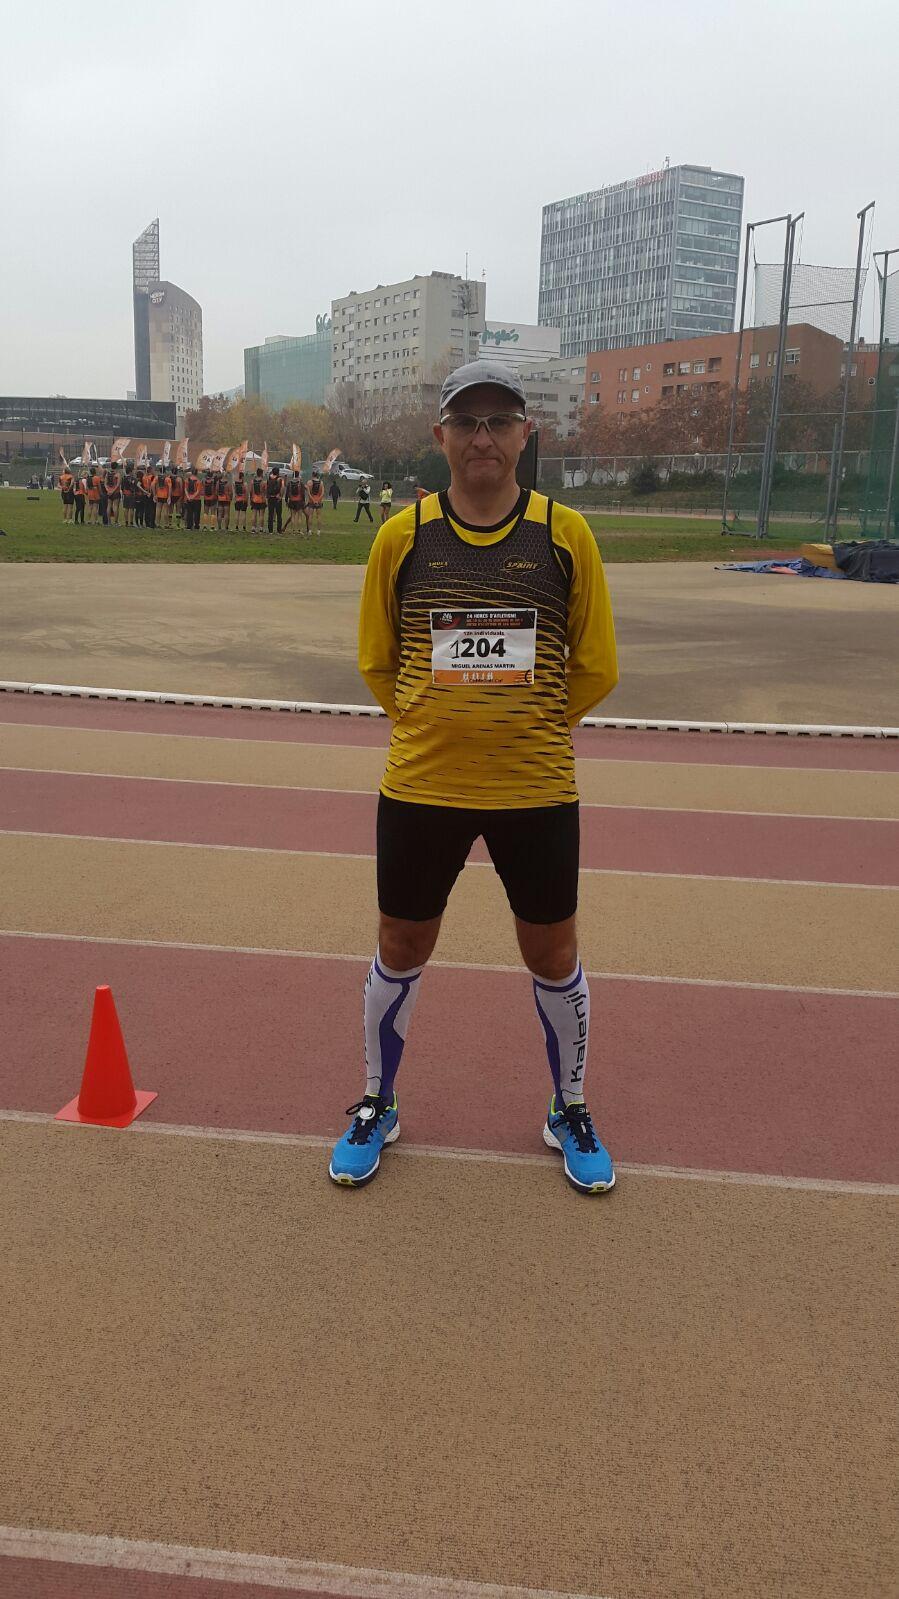 Miguel Arenas supera con éxito las 12 horas en pista!!